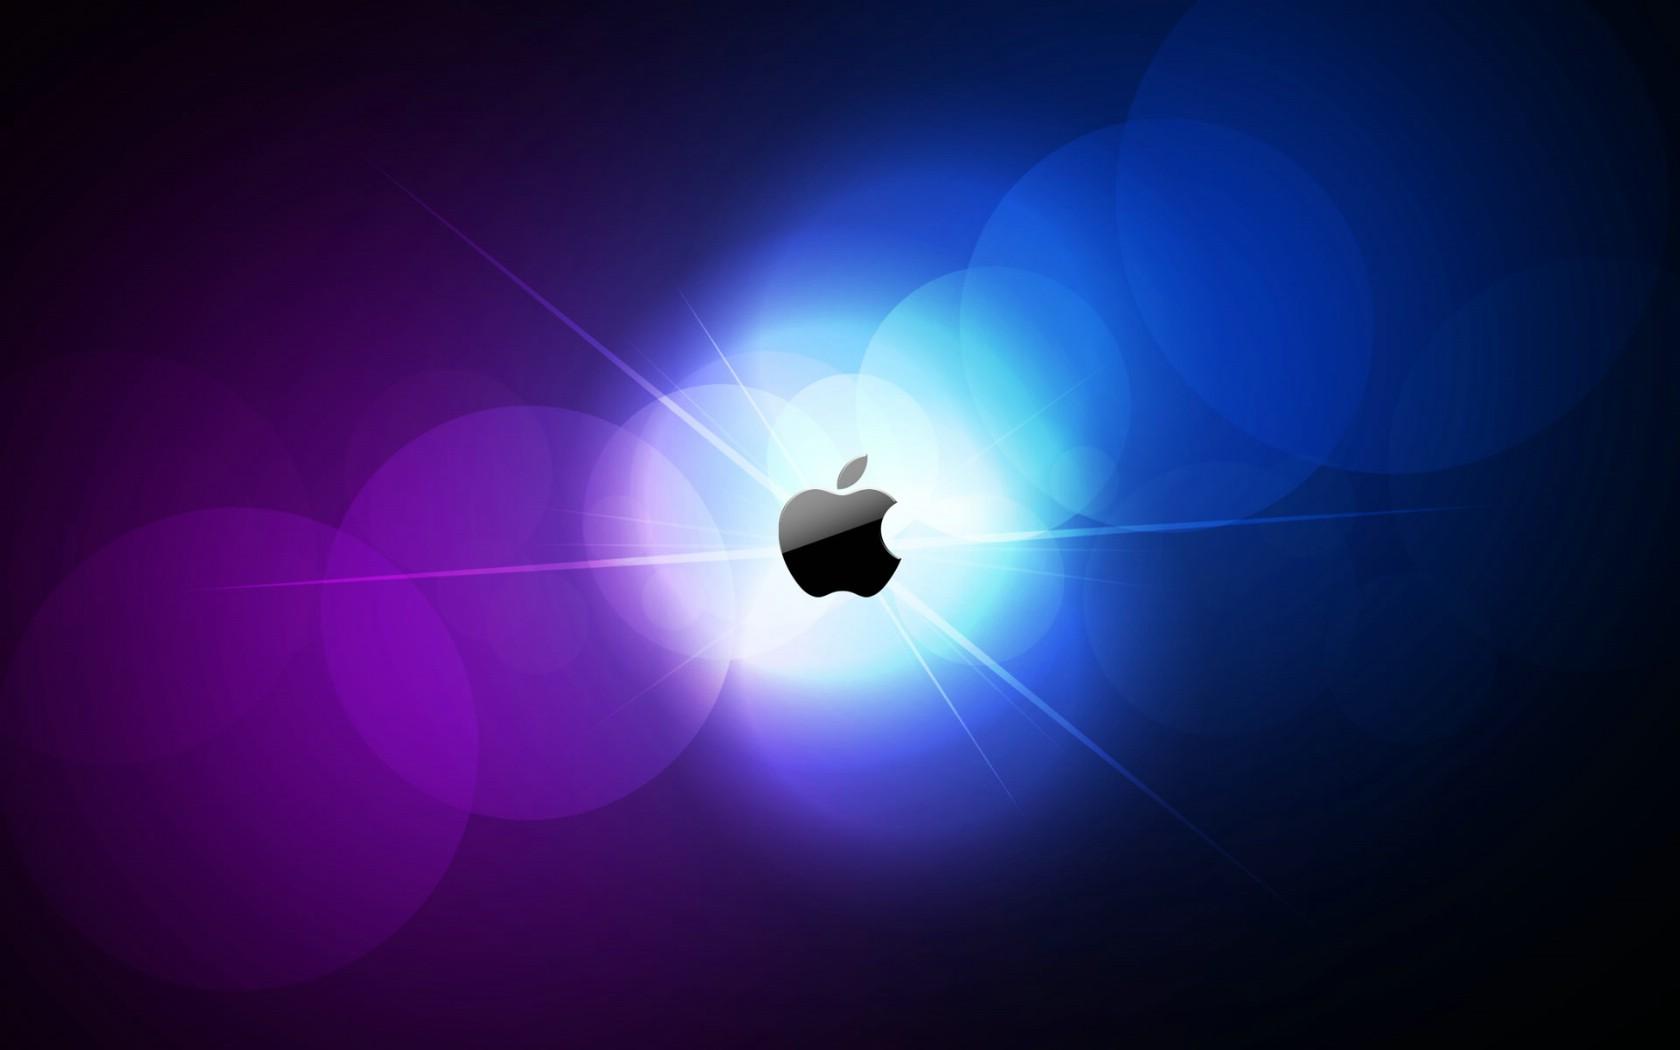 mac电脑桌面壁纸可爱